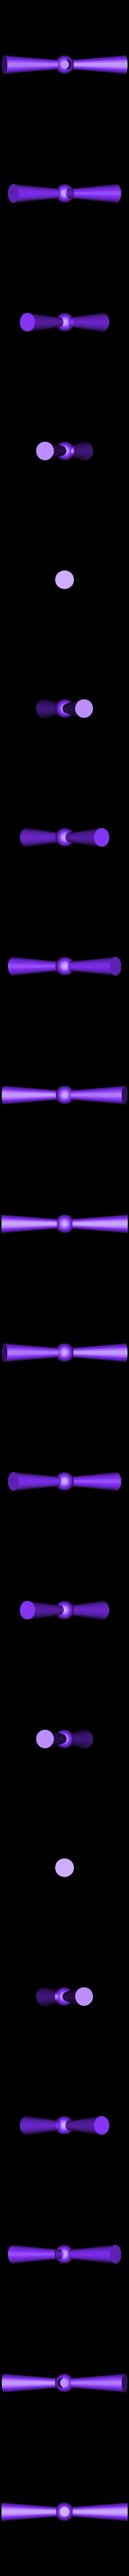 Faucet_valve_lever.stl Télécharger fichier STL gratuit Robinet magique • Objet pour impression 3D, Hazon_Maker